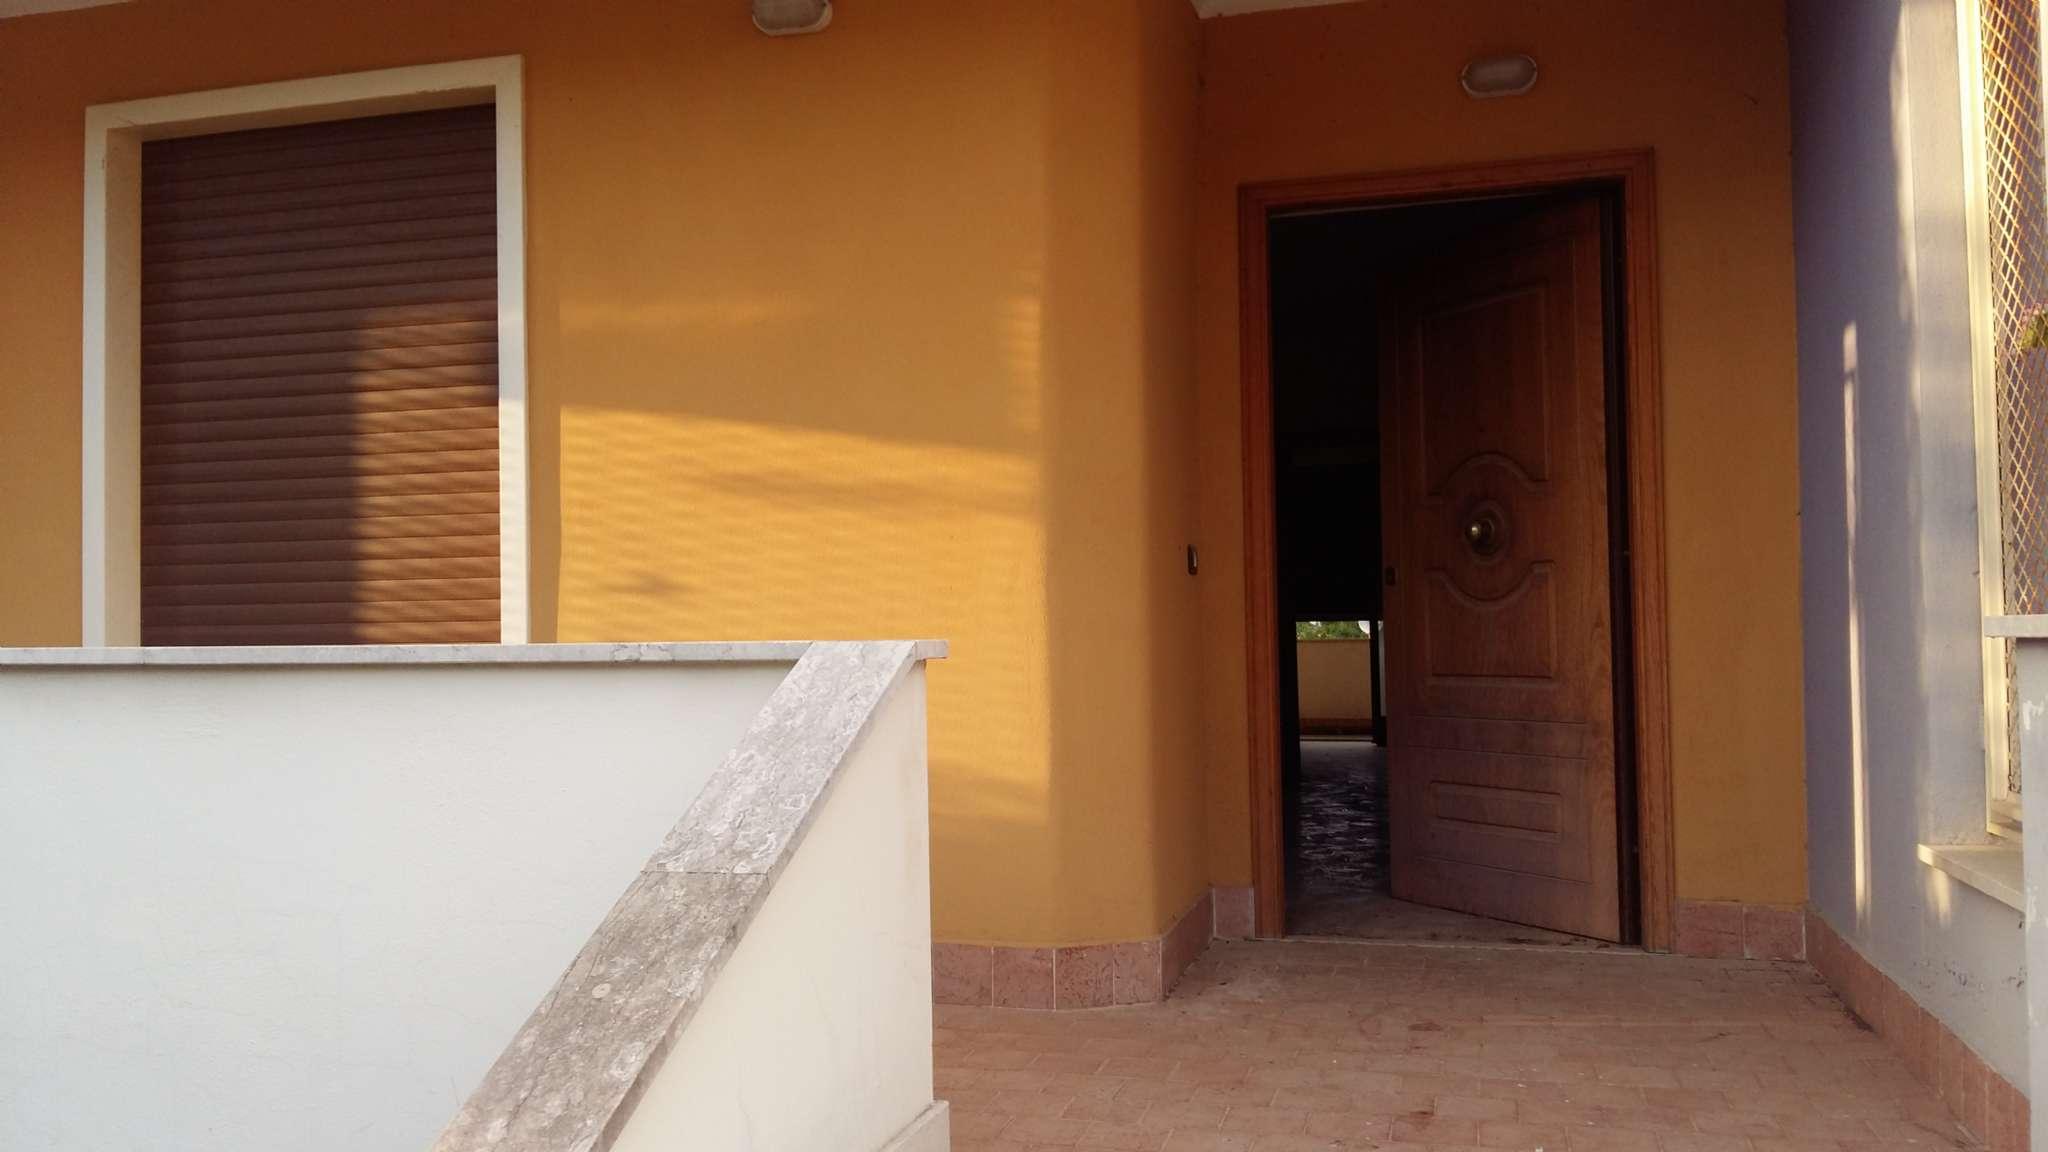 Villa a Schiera in vendita a Pietramelara, 6 locali, prezzo € 115.000 | CambioCasa.it